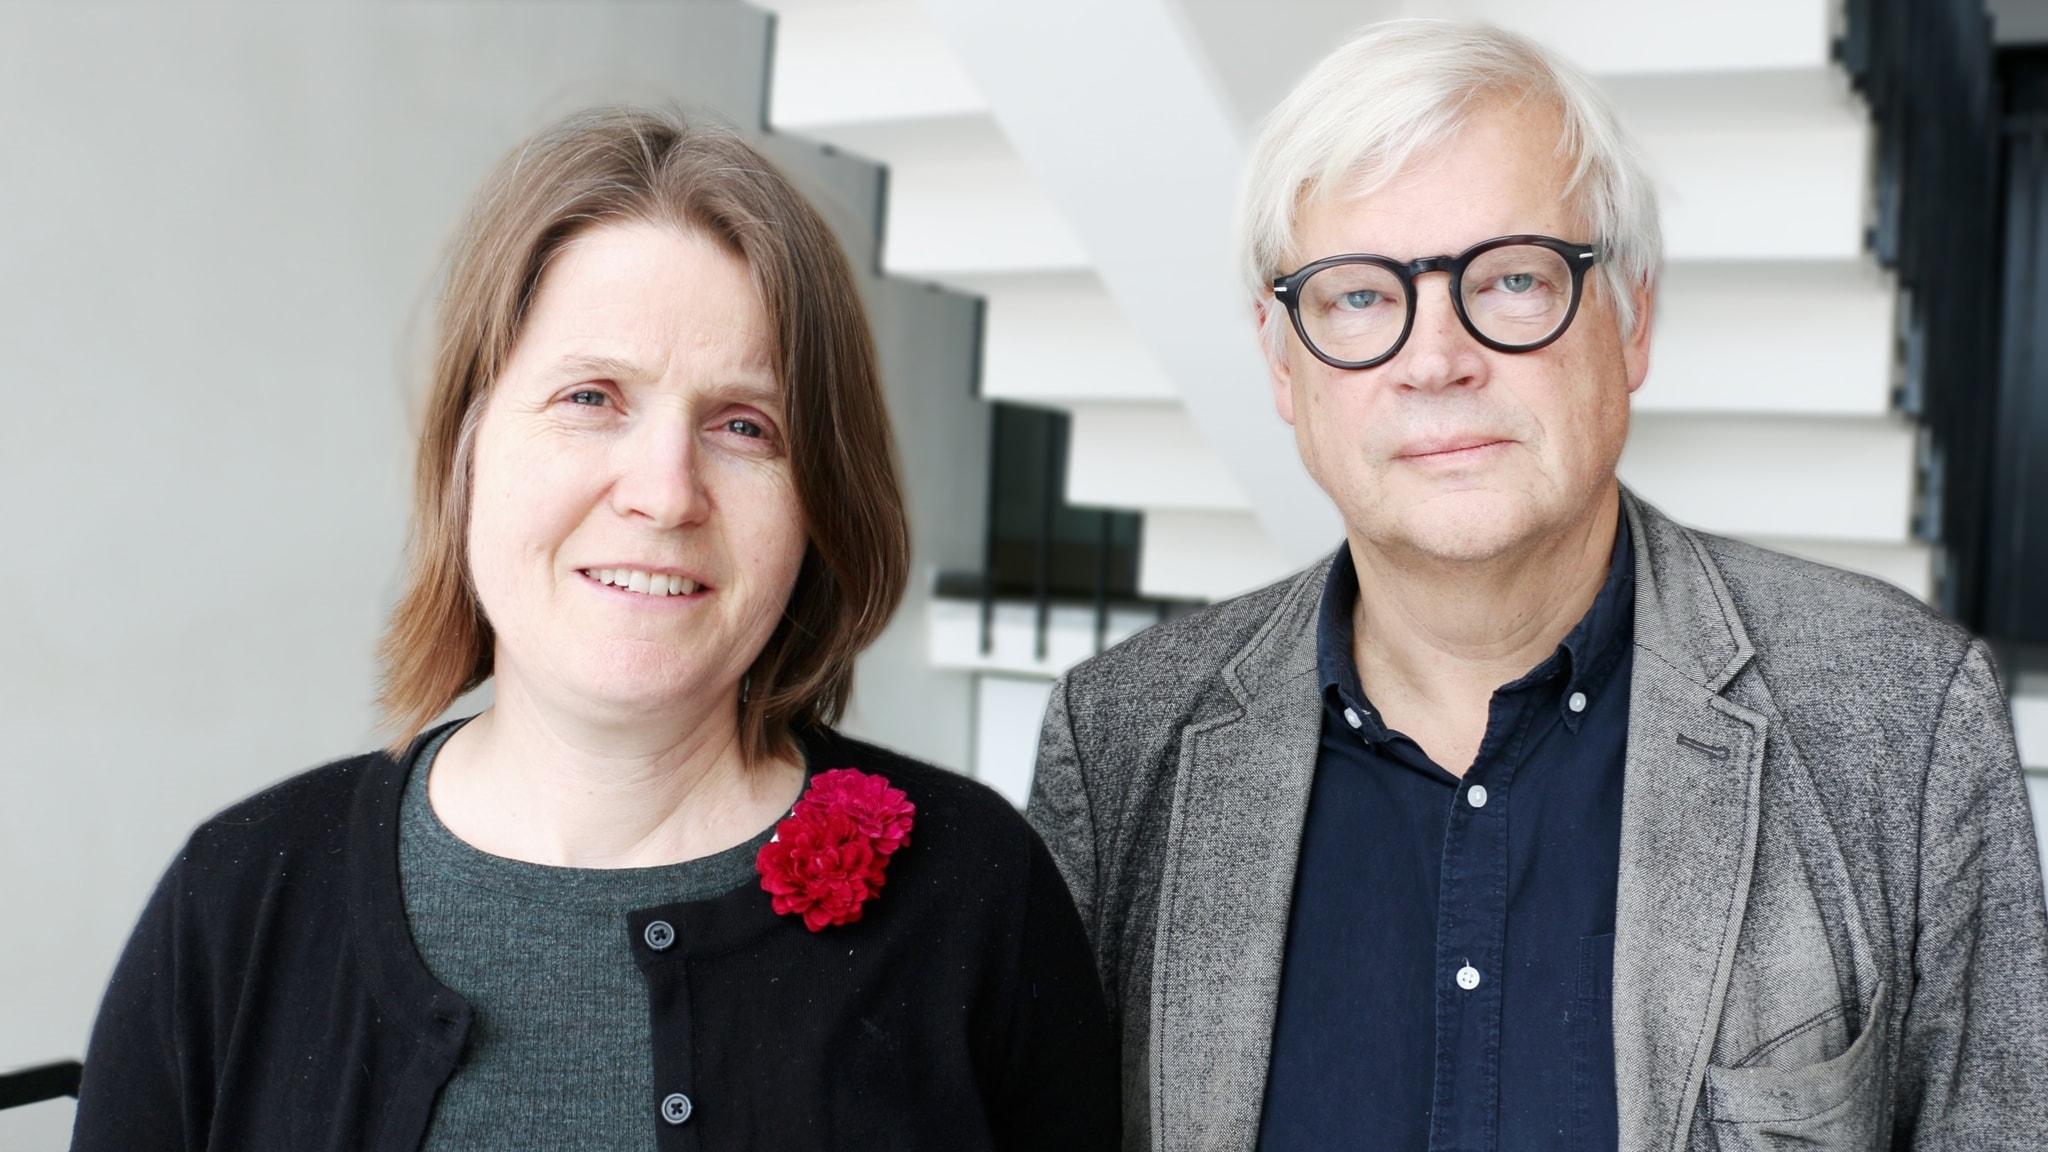 Thomas Nordegren och Louise Epstein. Foto: Ronnie Ritterland / Sveriges Radio